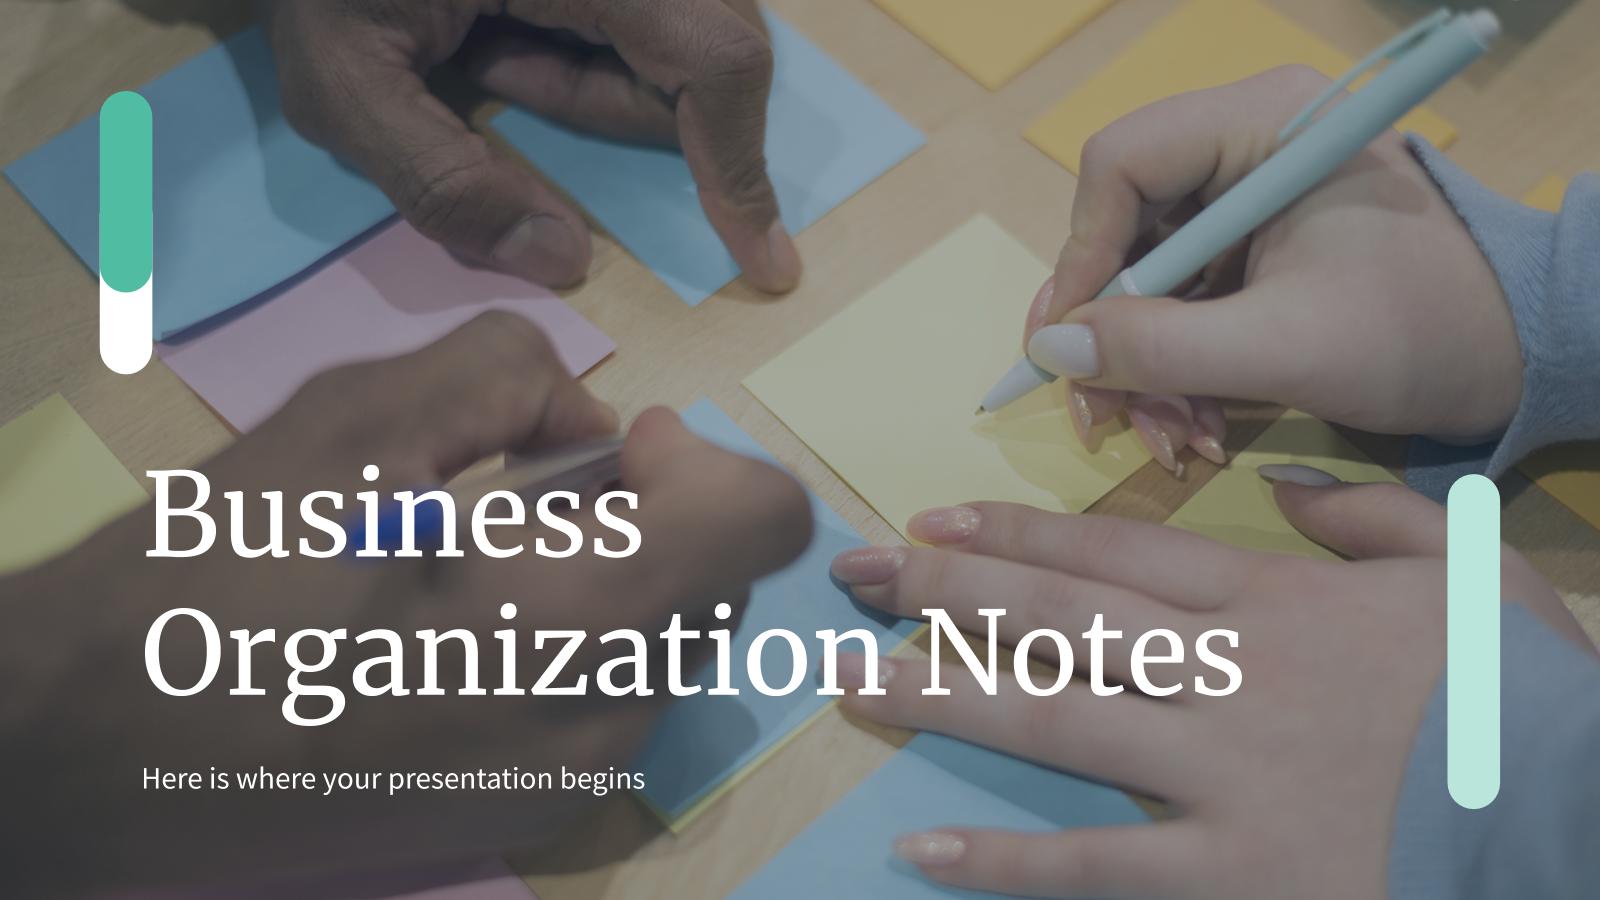 Plantilla de presentación Notas para organizarse en un negocio